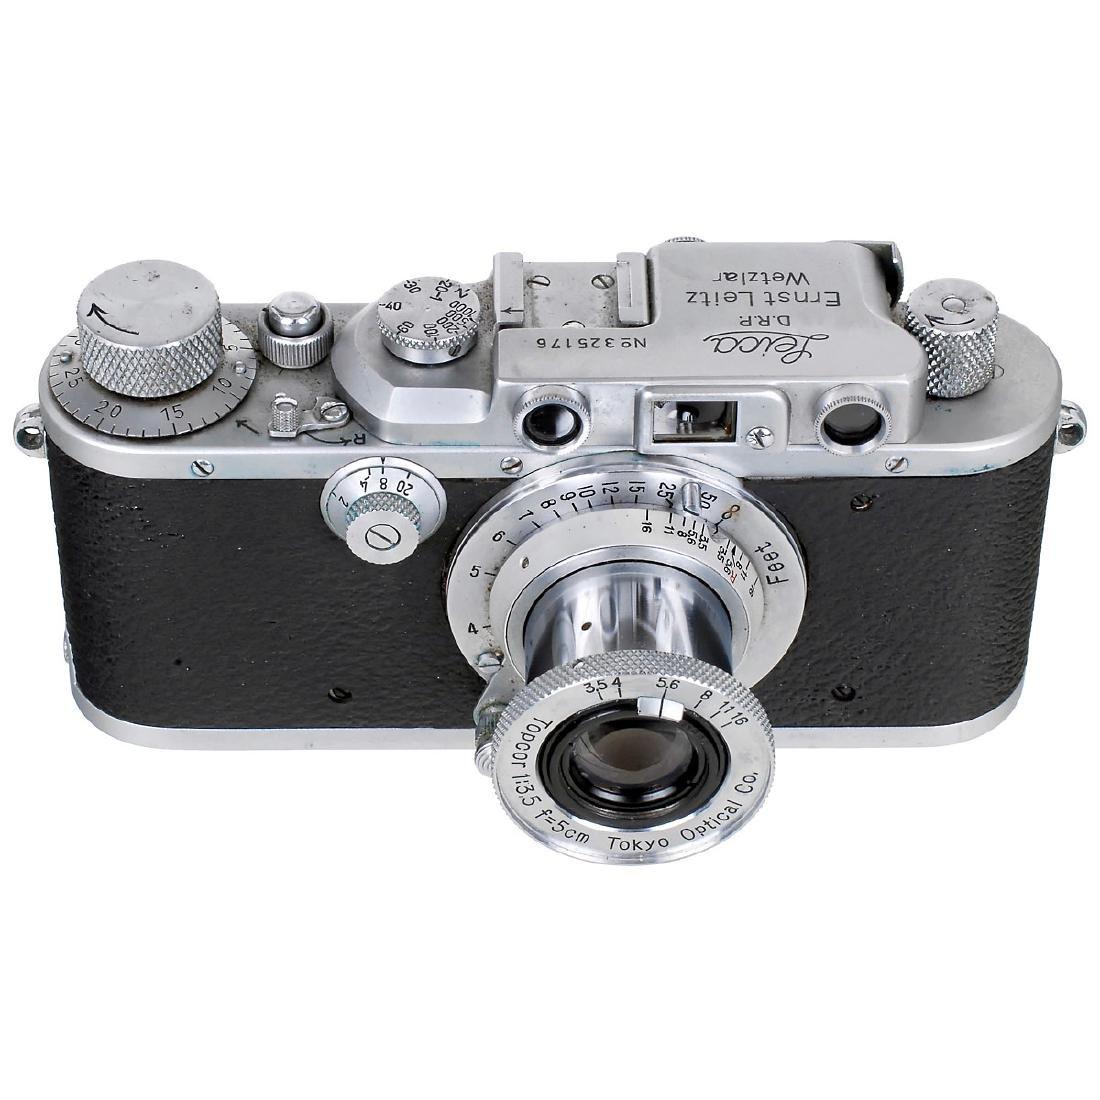 Leica IIIa (G) with Topcor 3,5/5 cm, 1939